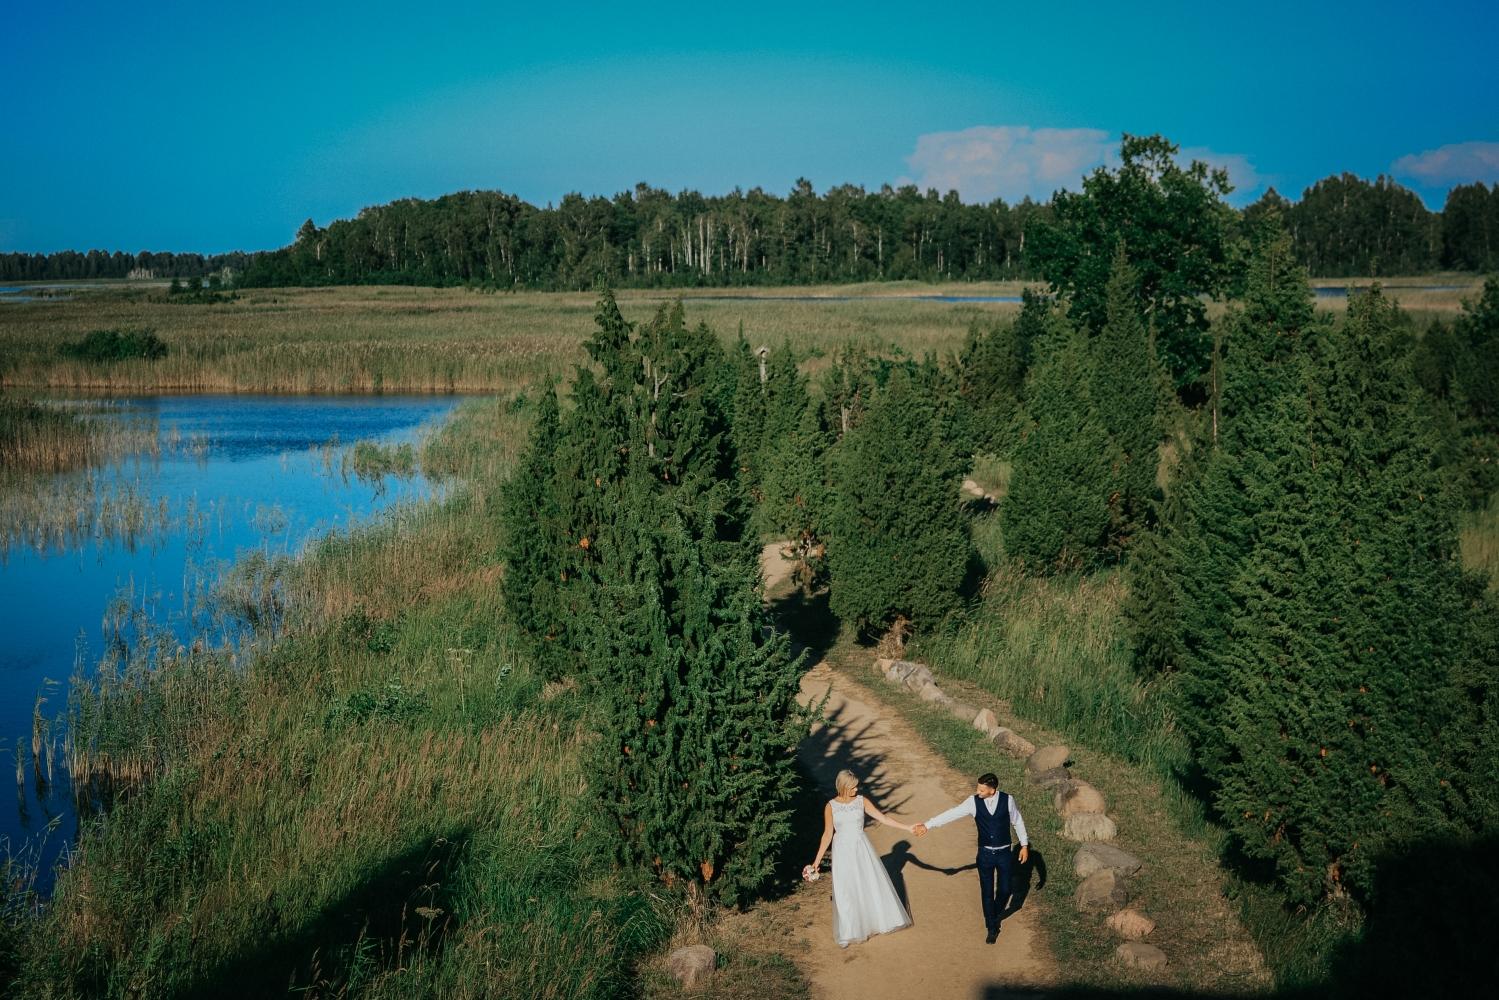 2018 K Alise Uldis 1766 - %kāzu-foto